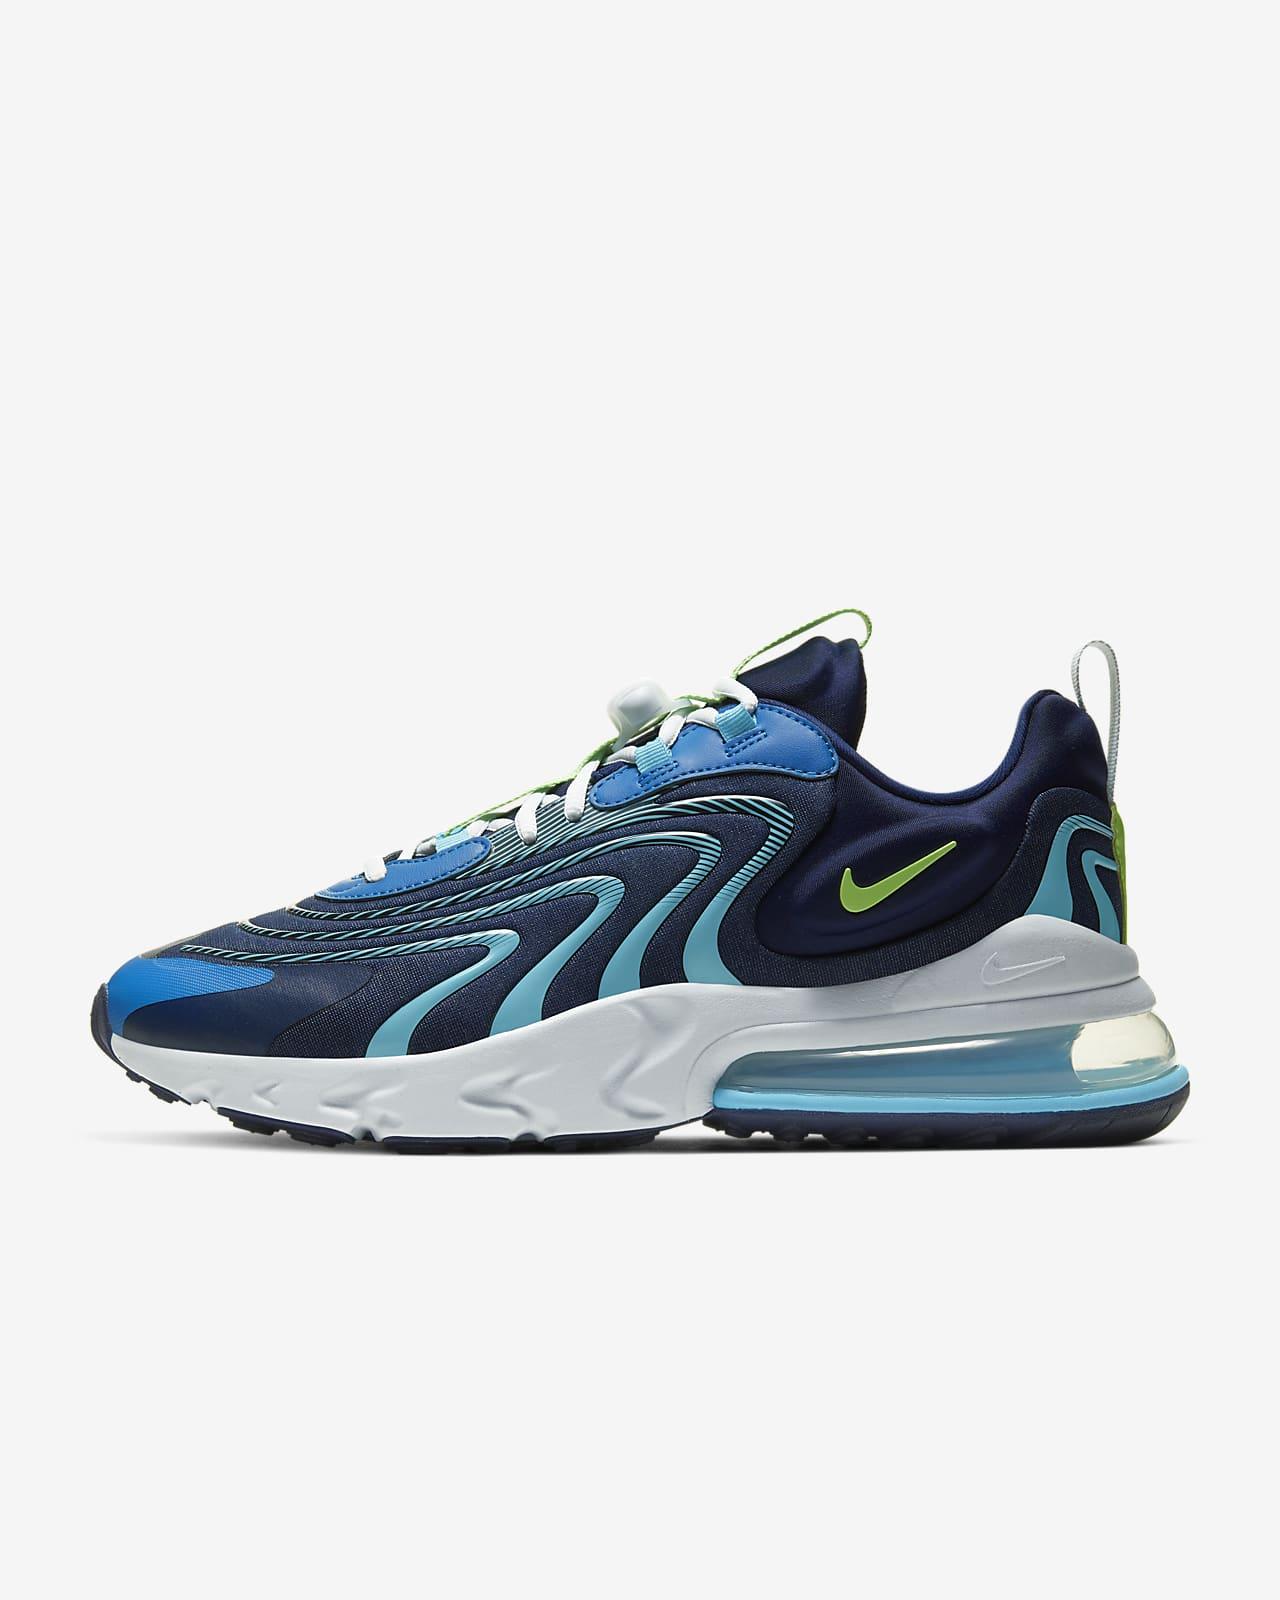 chaussure nike air max 270 bleu